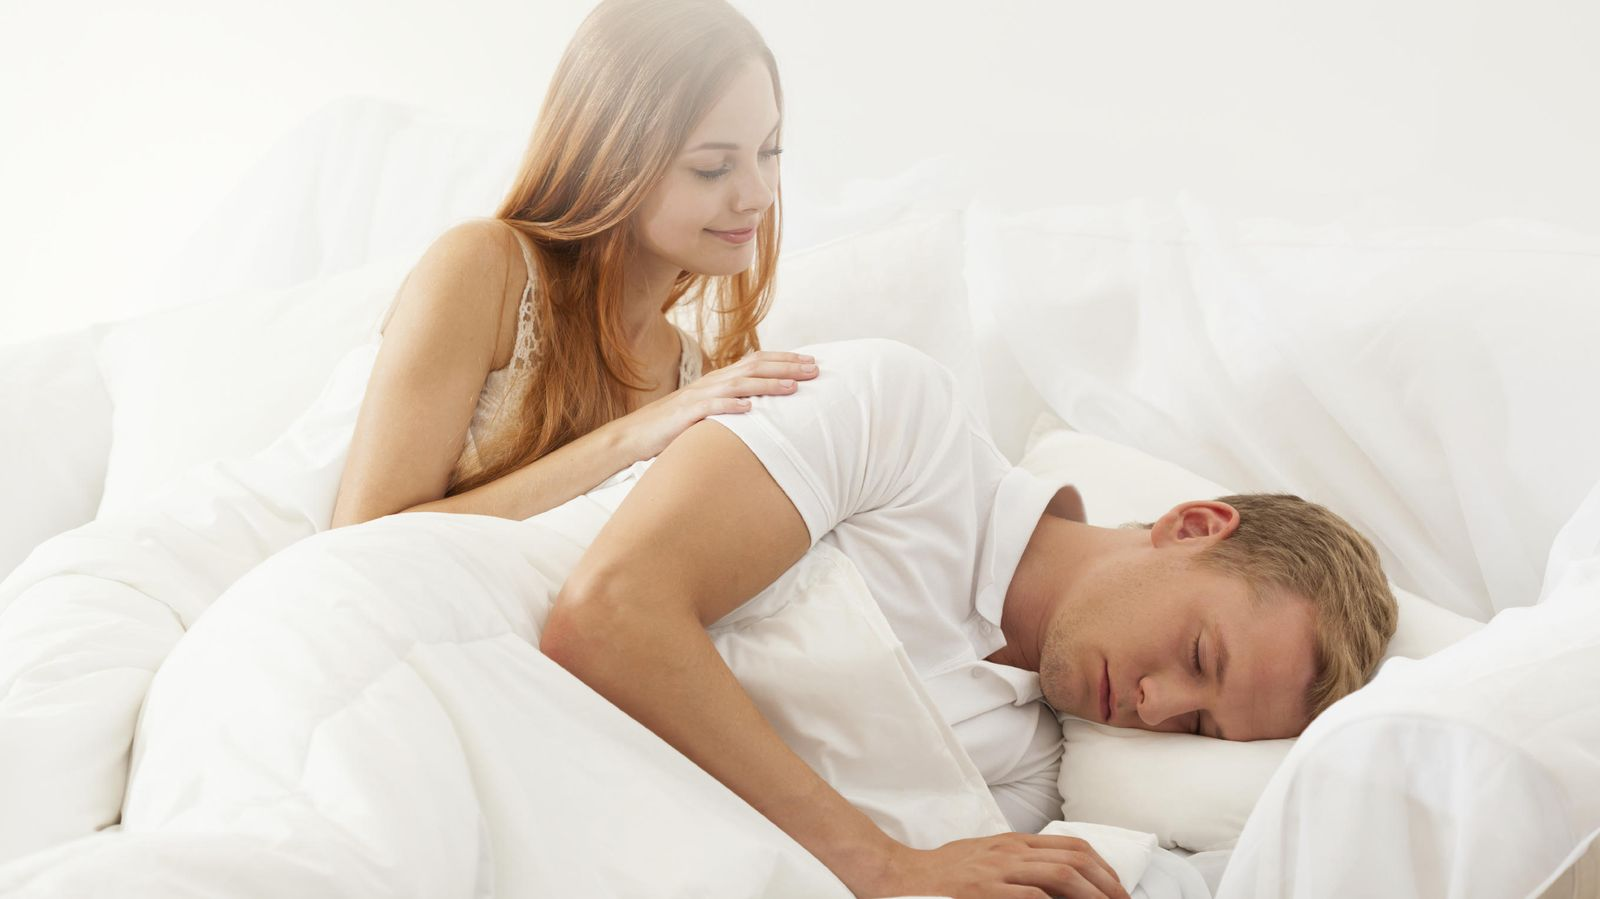 Sexo: El deseo oculto: por qué los hombres sueñan con orgías y las ...